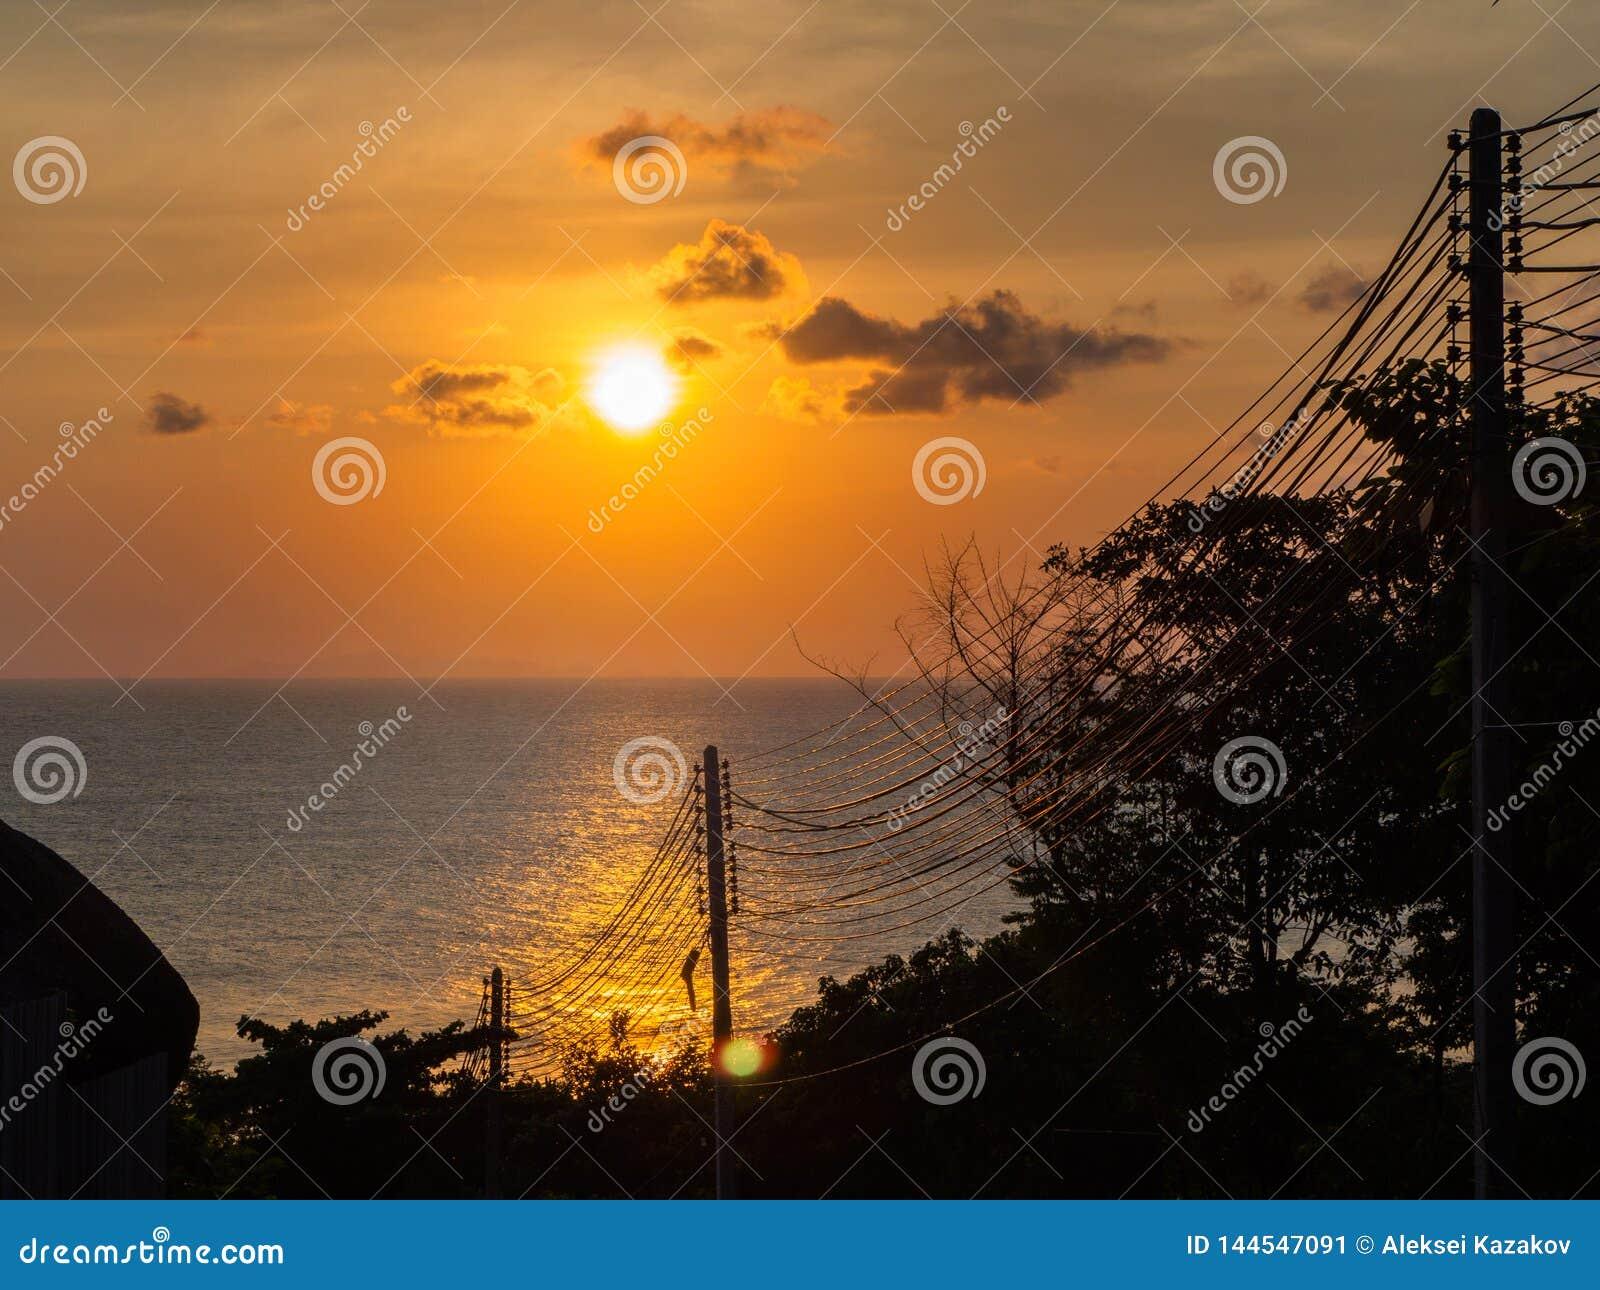 Sylwetka elektryczni druty przeciw słońca położeniu w morzu